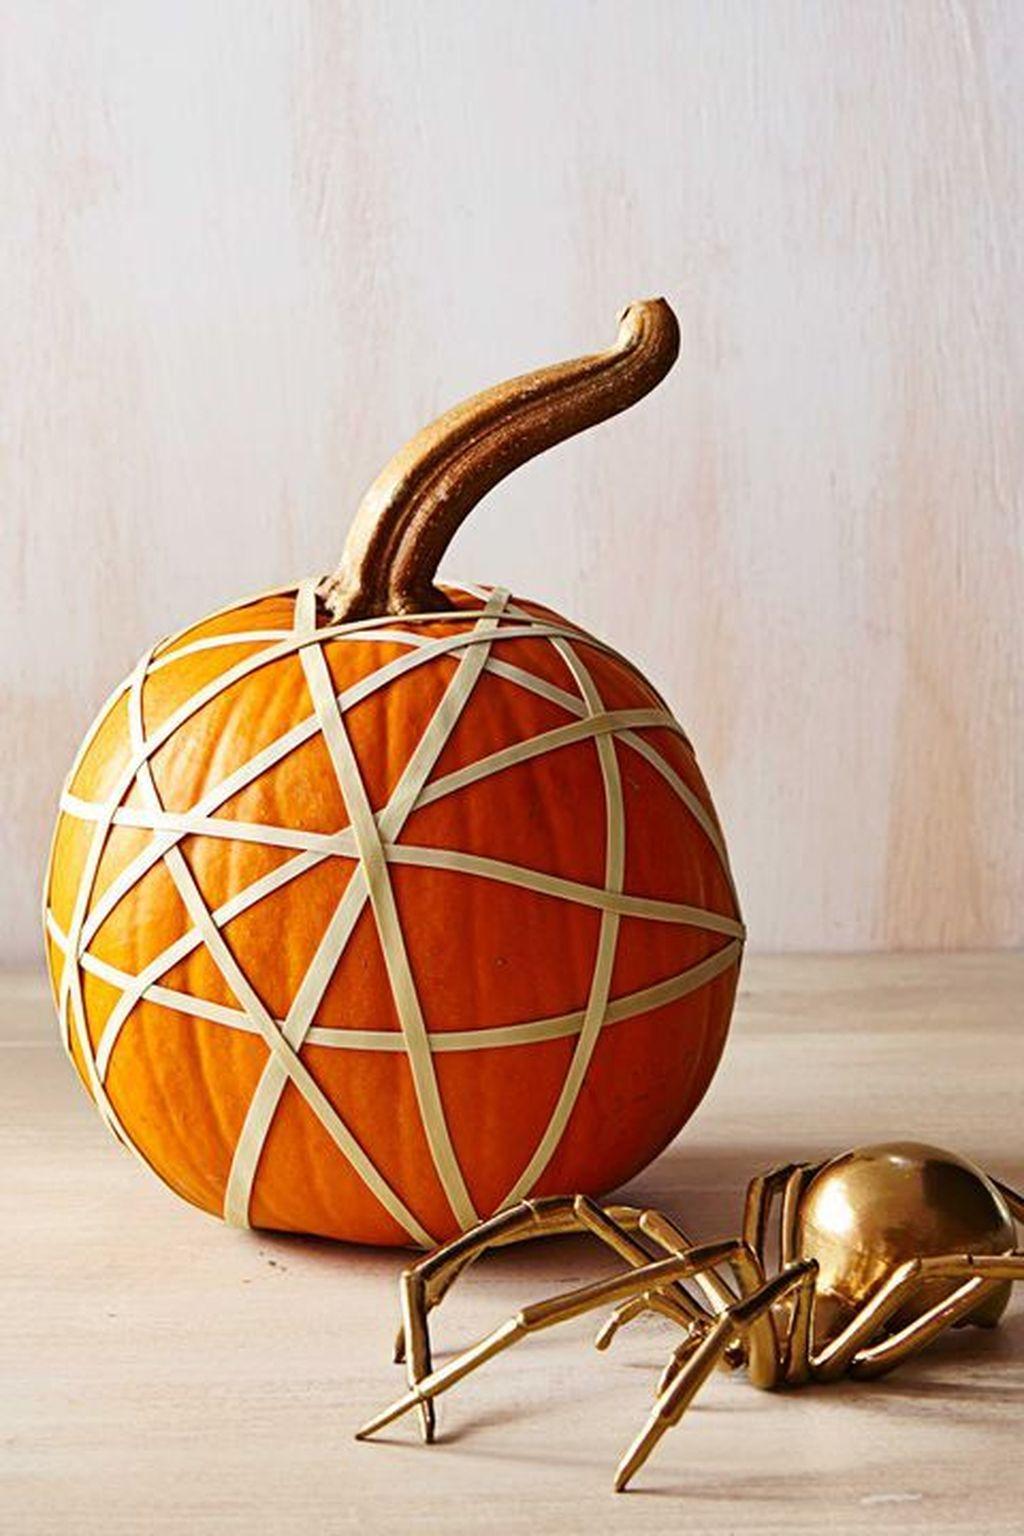 Popular Halloween Pumpkin Design Ideas 18